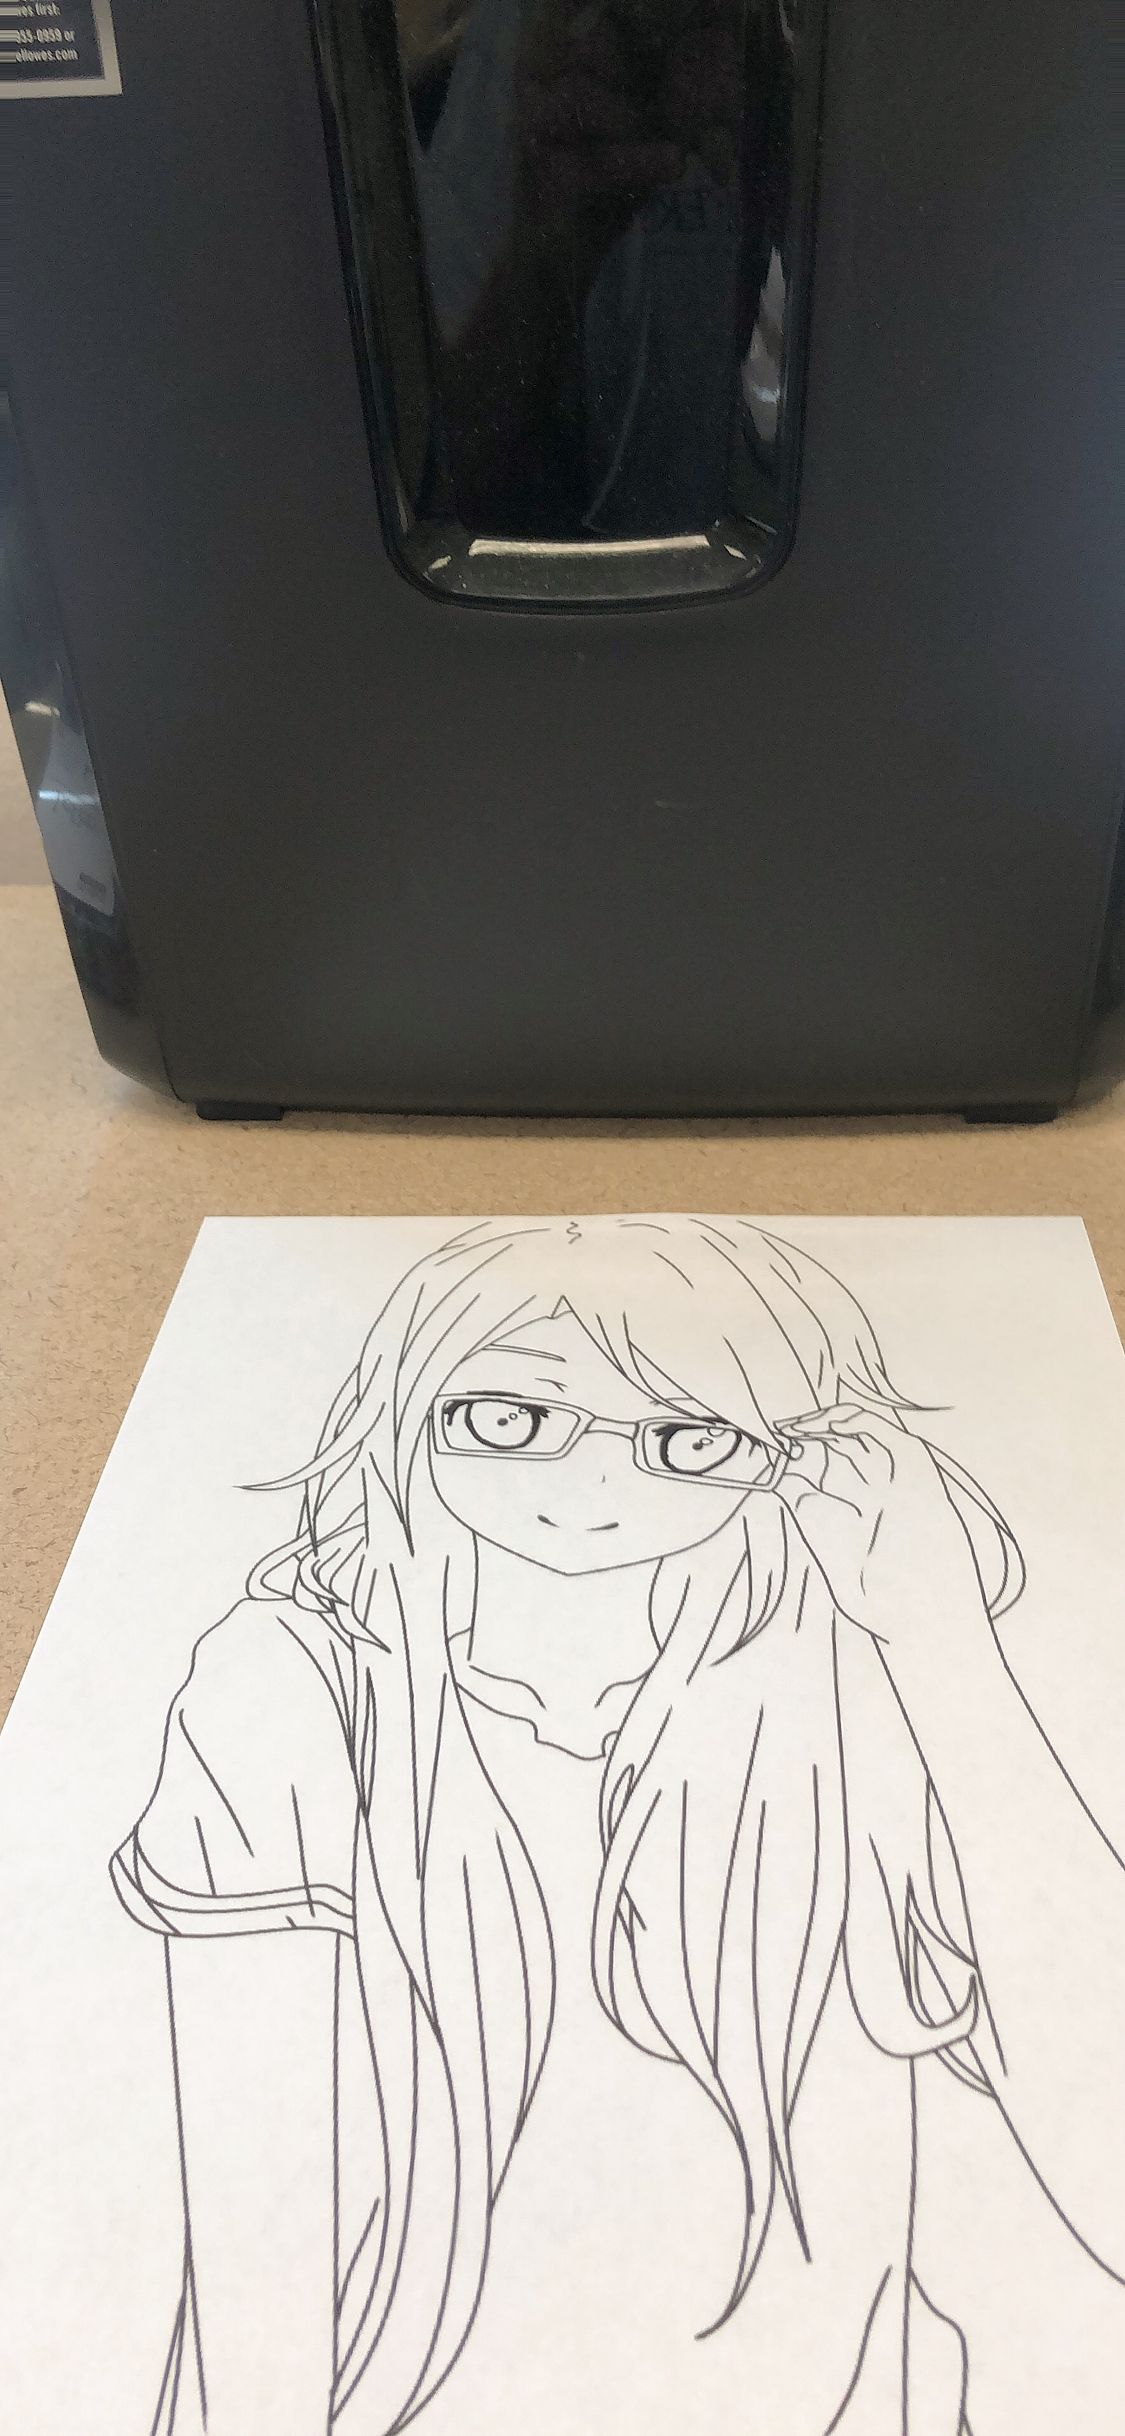 动漫手绘画!!!!!!!!!!!!!!! 2